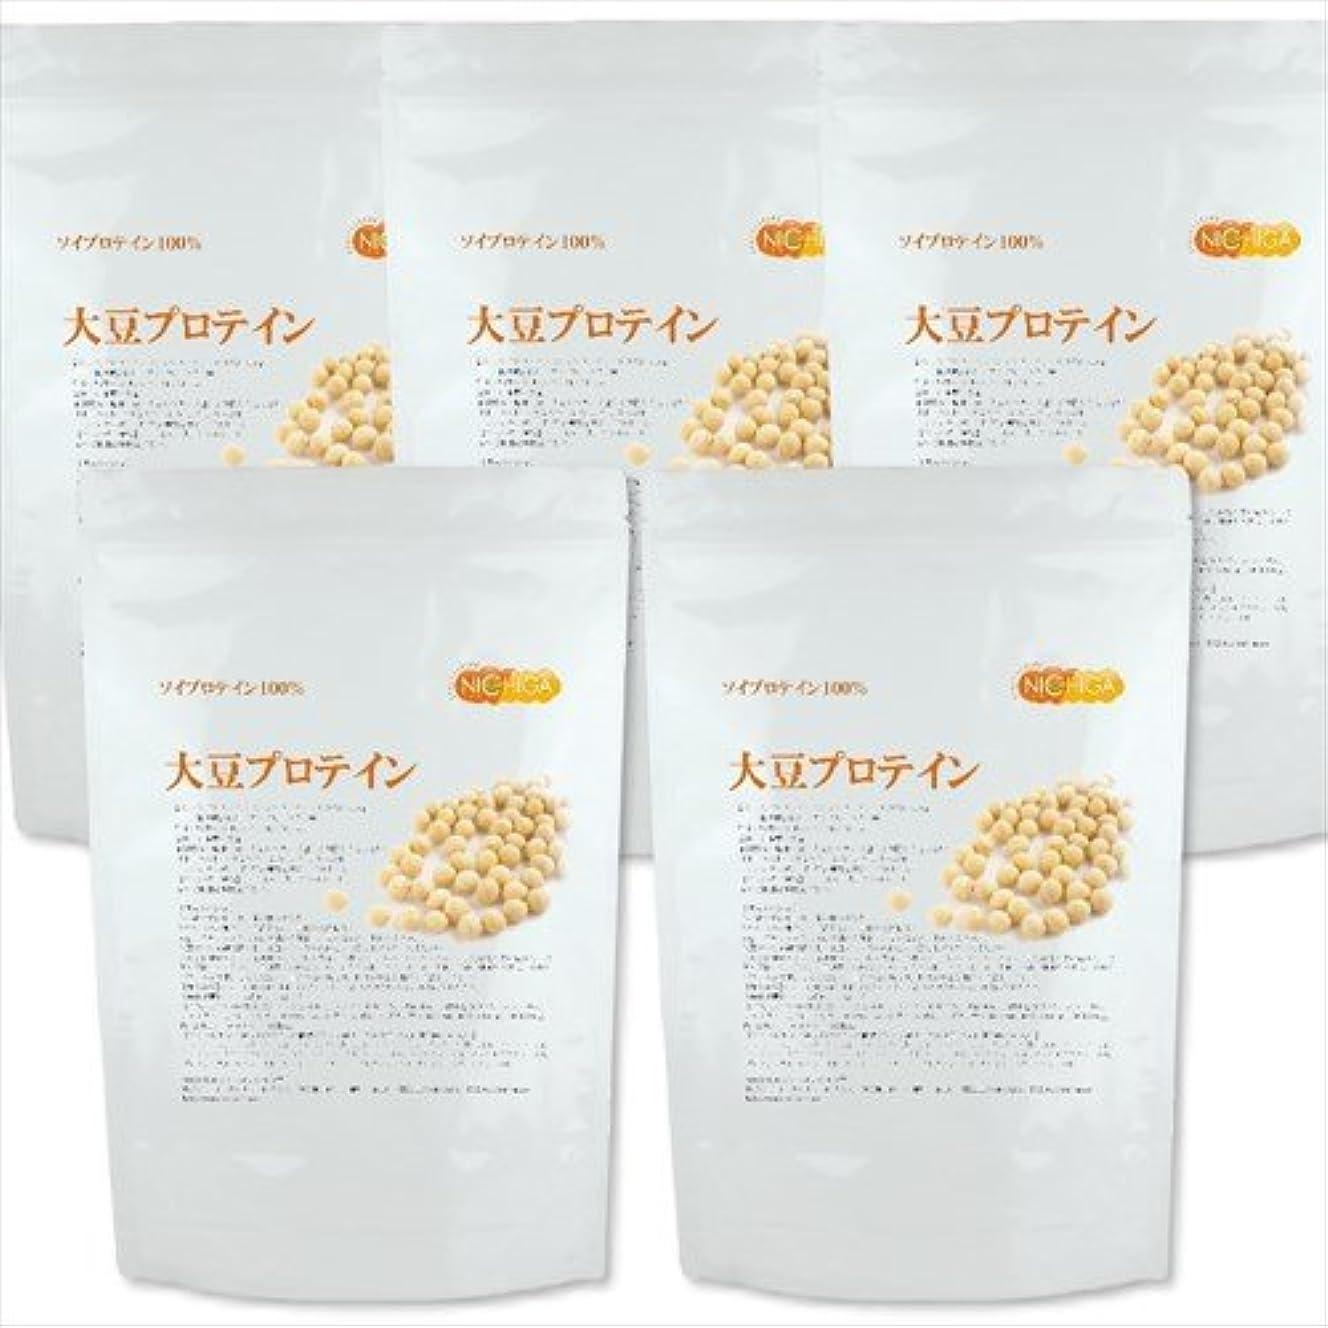 周術期レスリング飾り羽<New> 大豆プロテイン(国内製造)1kg×5袋 [02] NICHIGA(ニチガ) 製品のリニューアル致しました ソイプロテイン100% 遺伝子組み換え不使用大豆 新規製法採用!